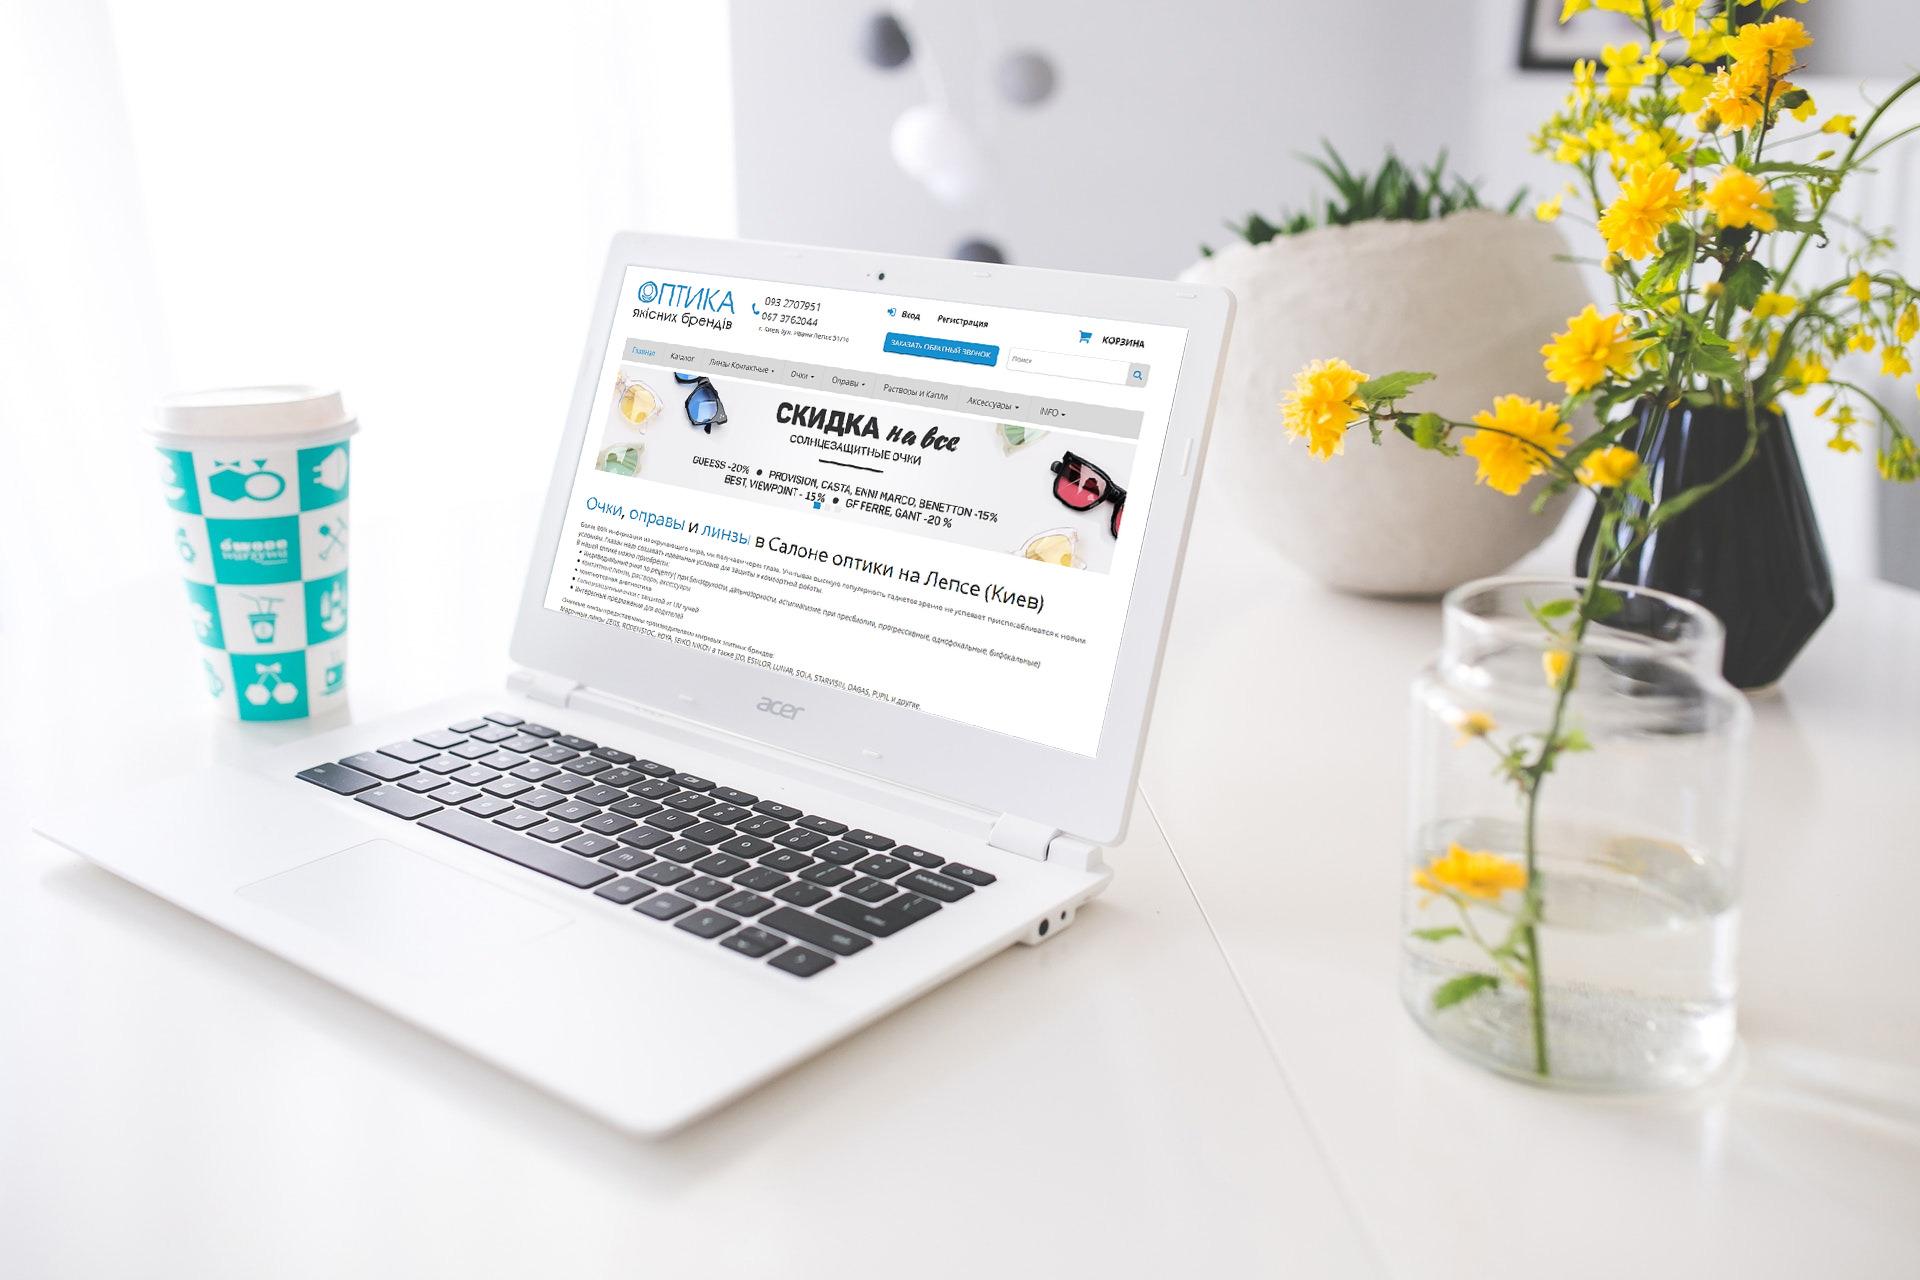 Сайт Оптика Якісних брендів в Киеве